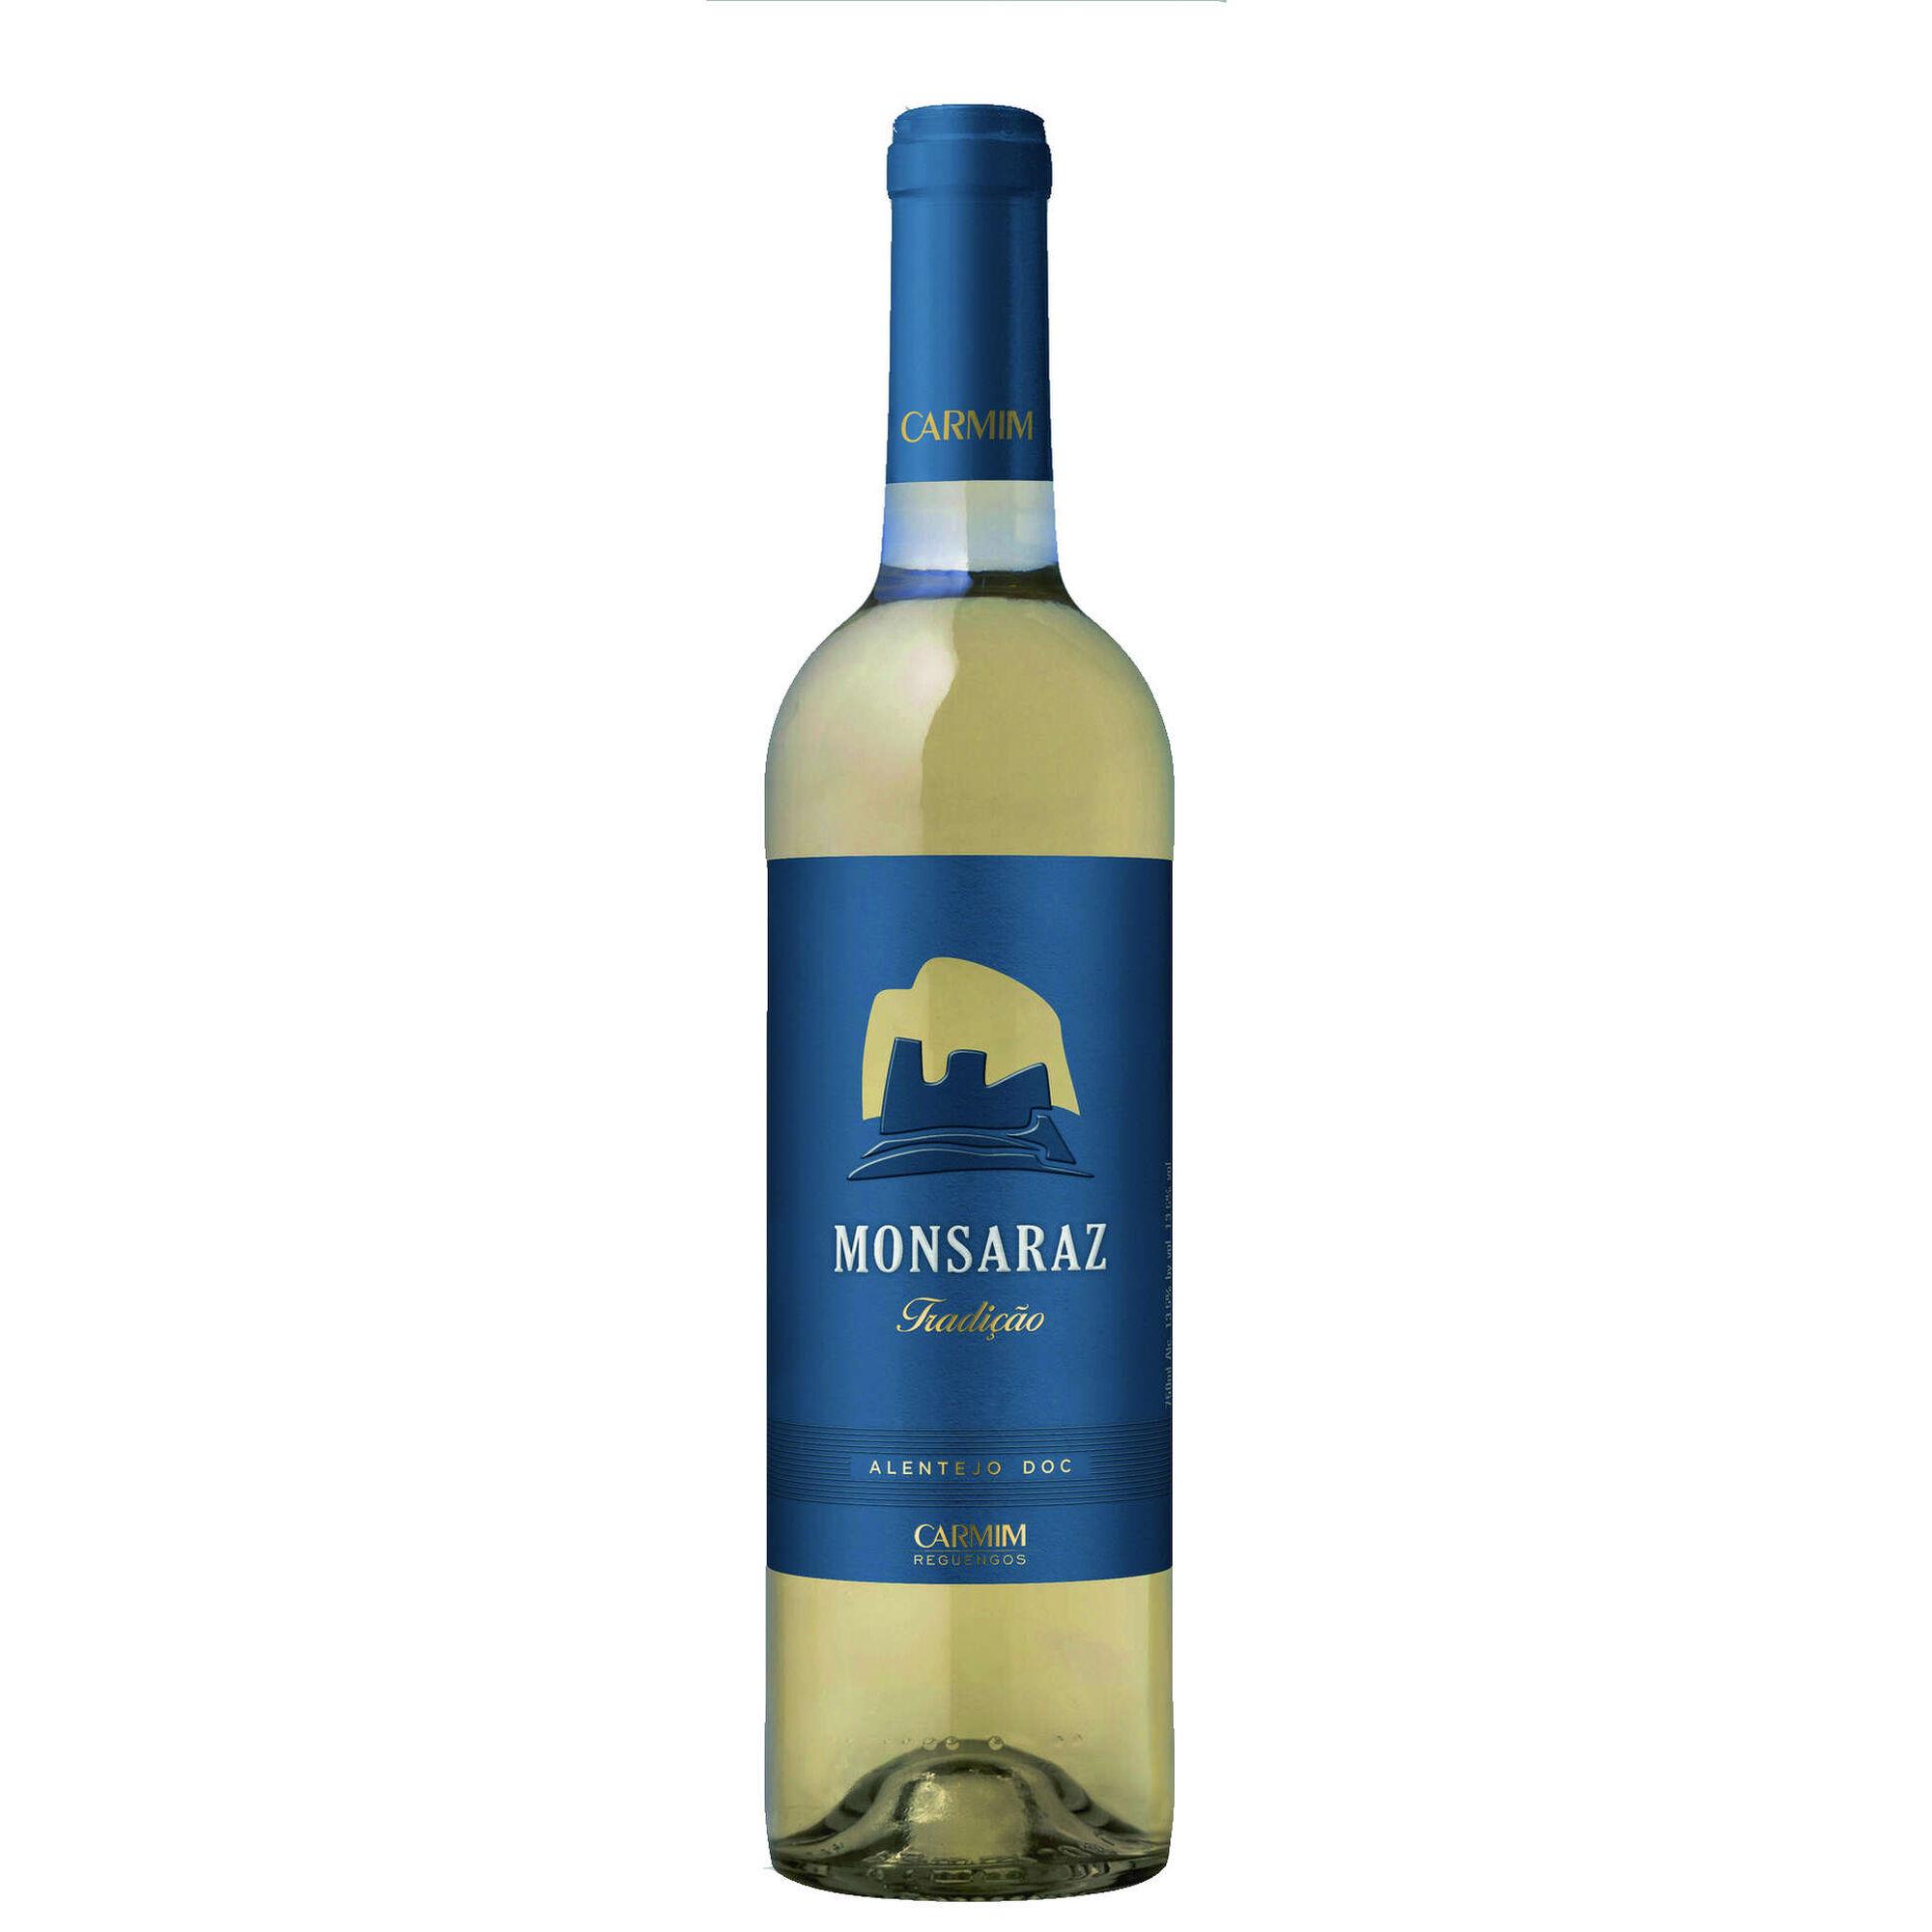 Monsaraz DOC Alentejo Vinho Branco